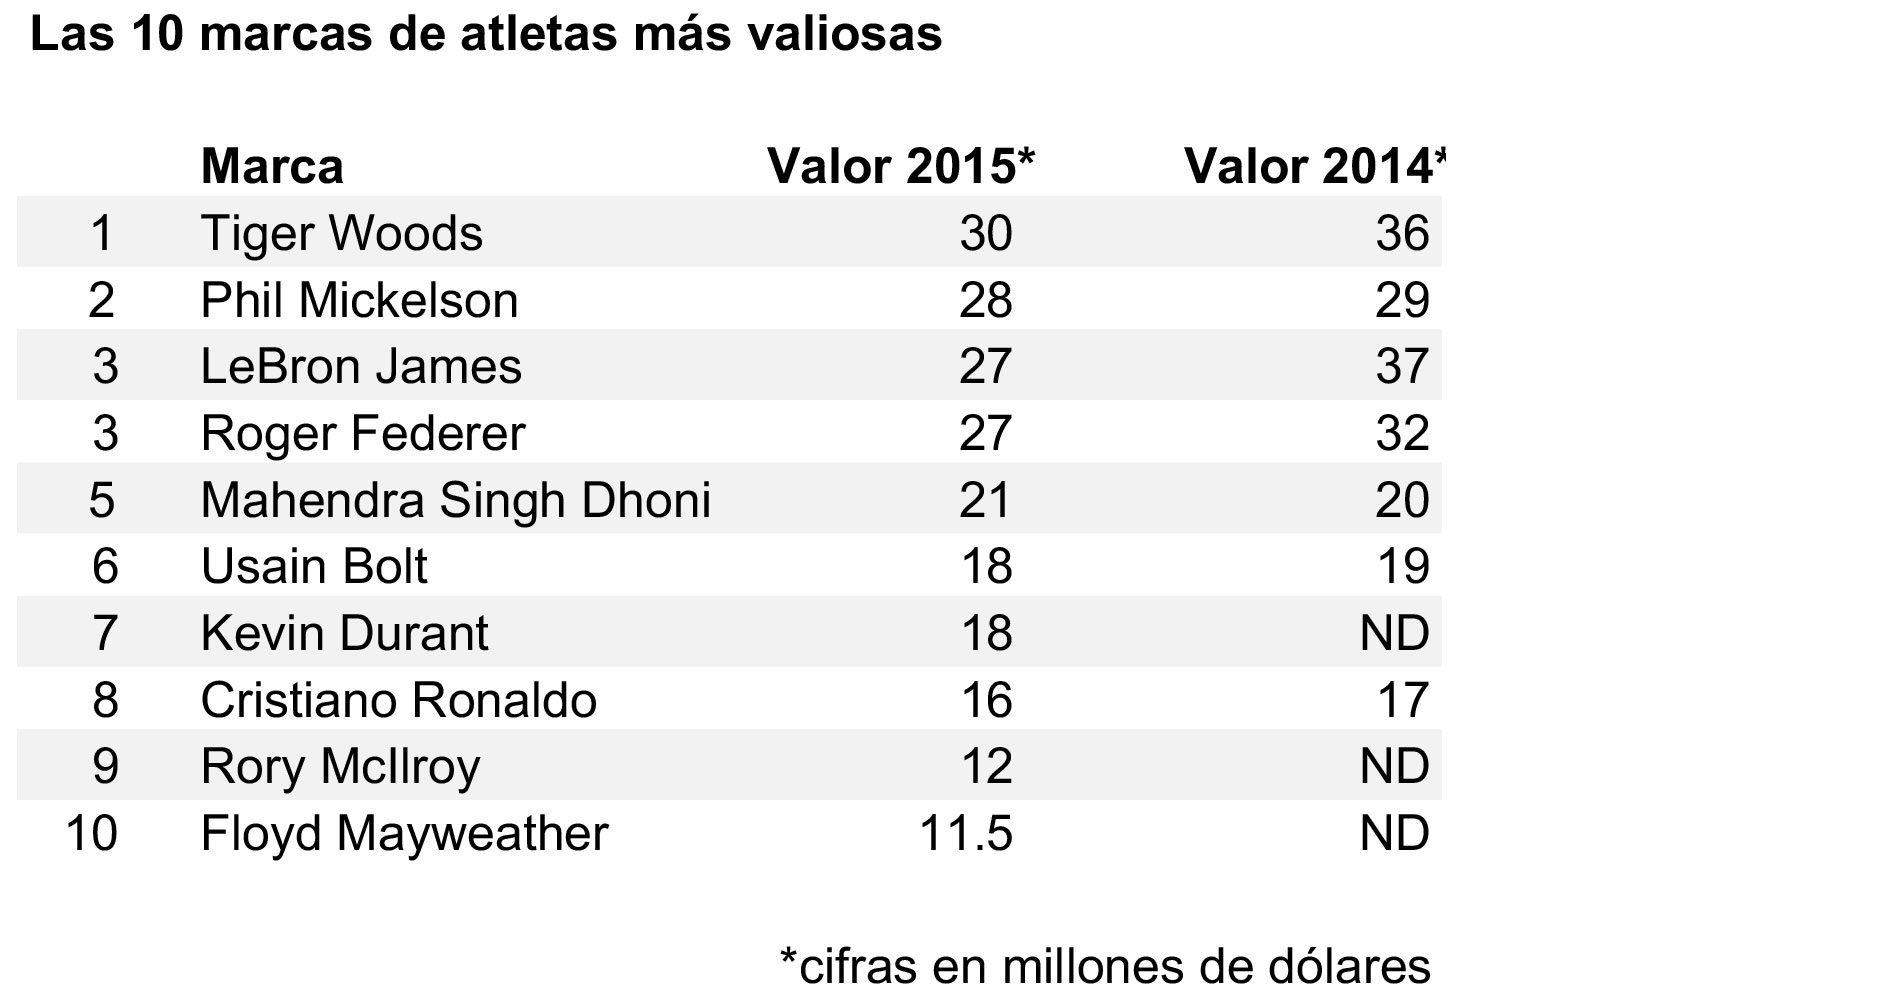 Las 40 marcas deportivas más valiosas del mundo • Forbes México 580e495e6e627